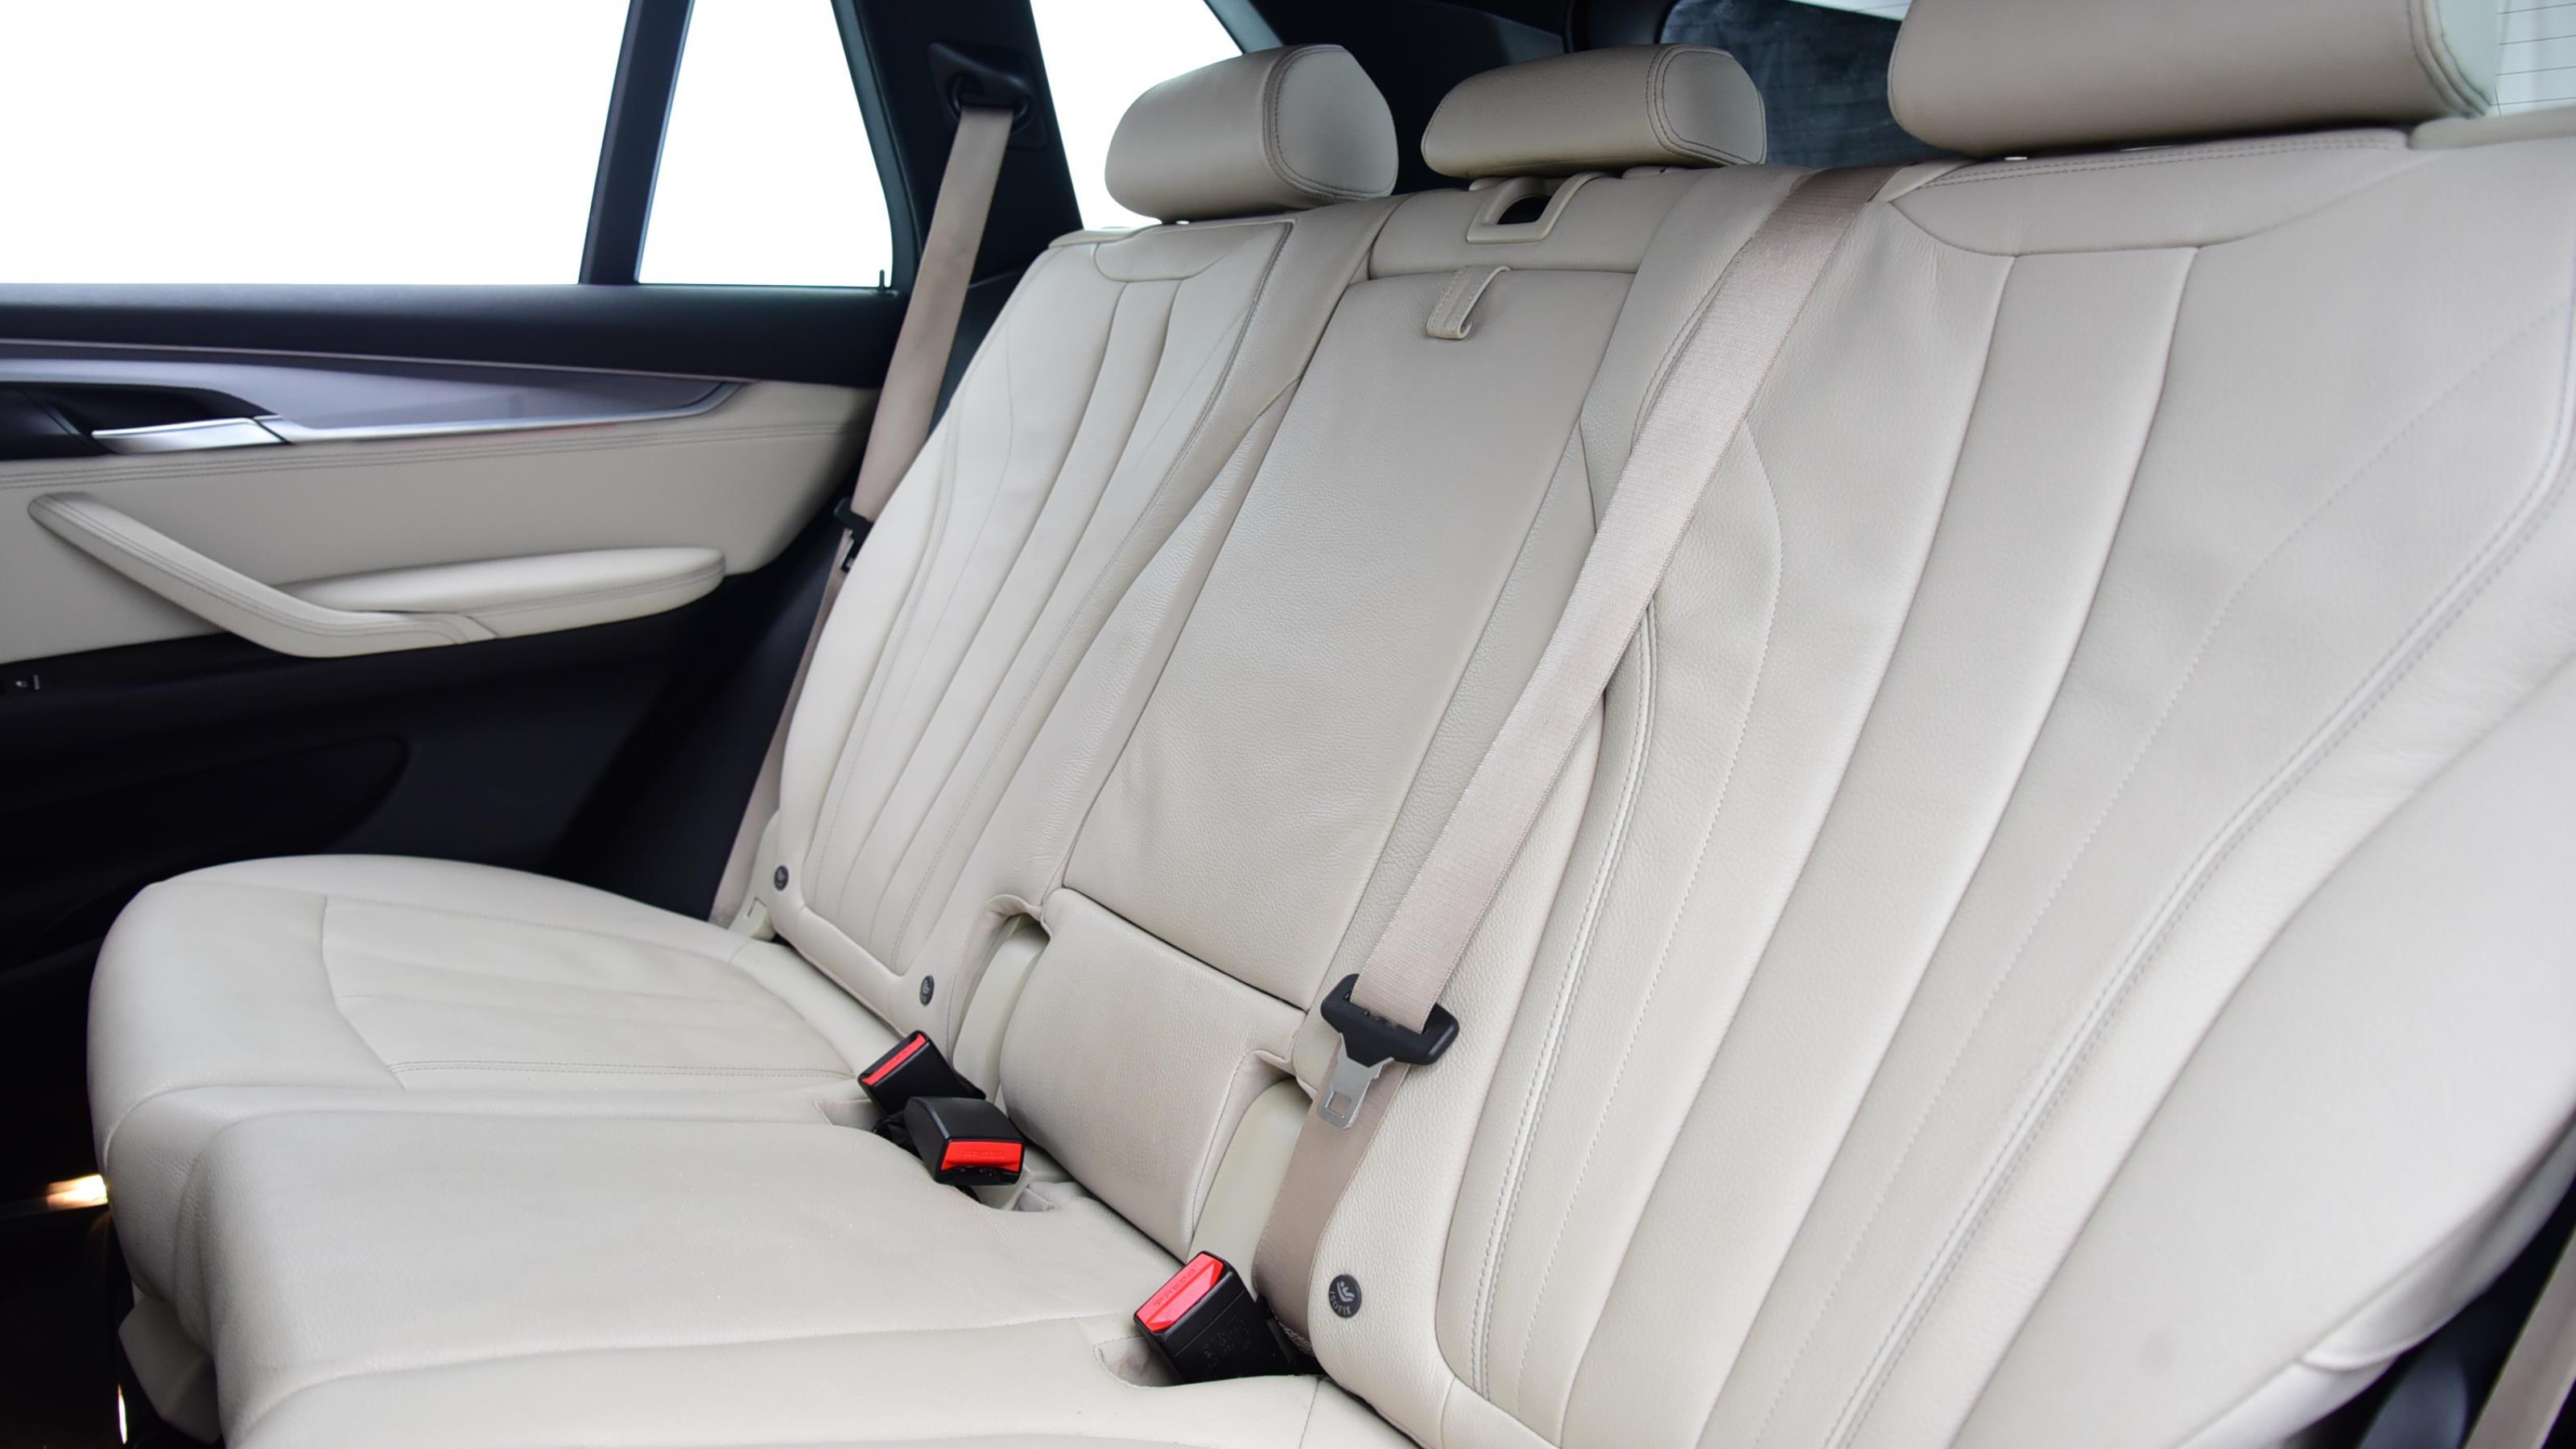 Used 2016 BMW X5 xDrive30d M Sport 5dr Auto [7 Seat] BLACK at Saxton4x4